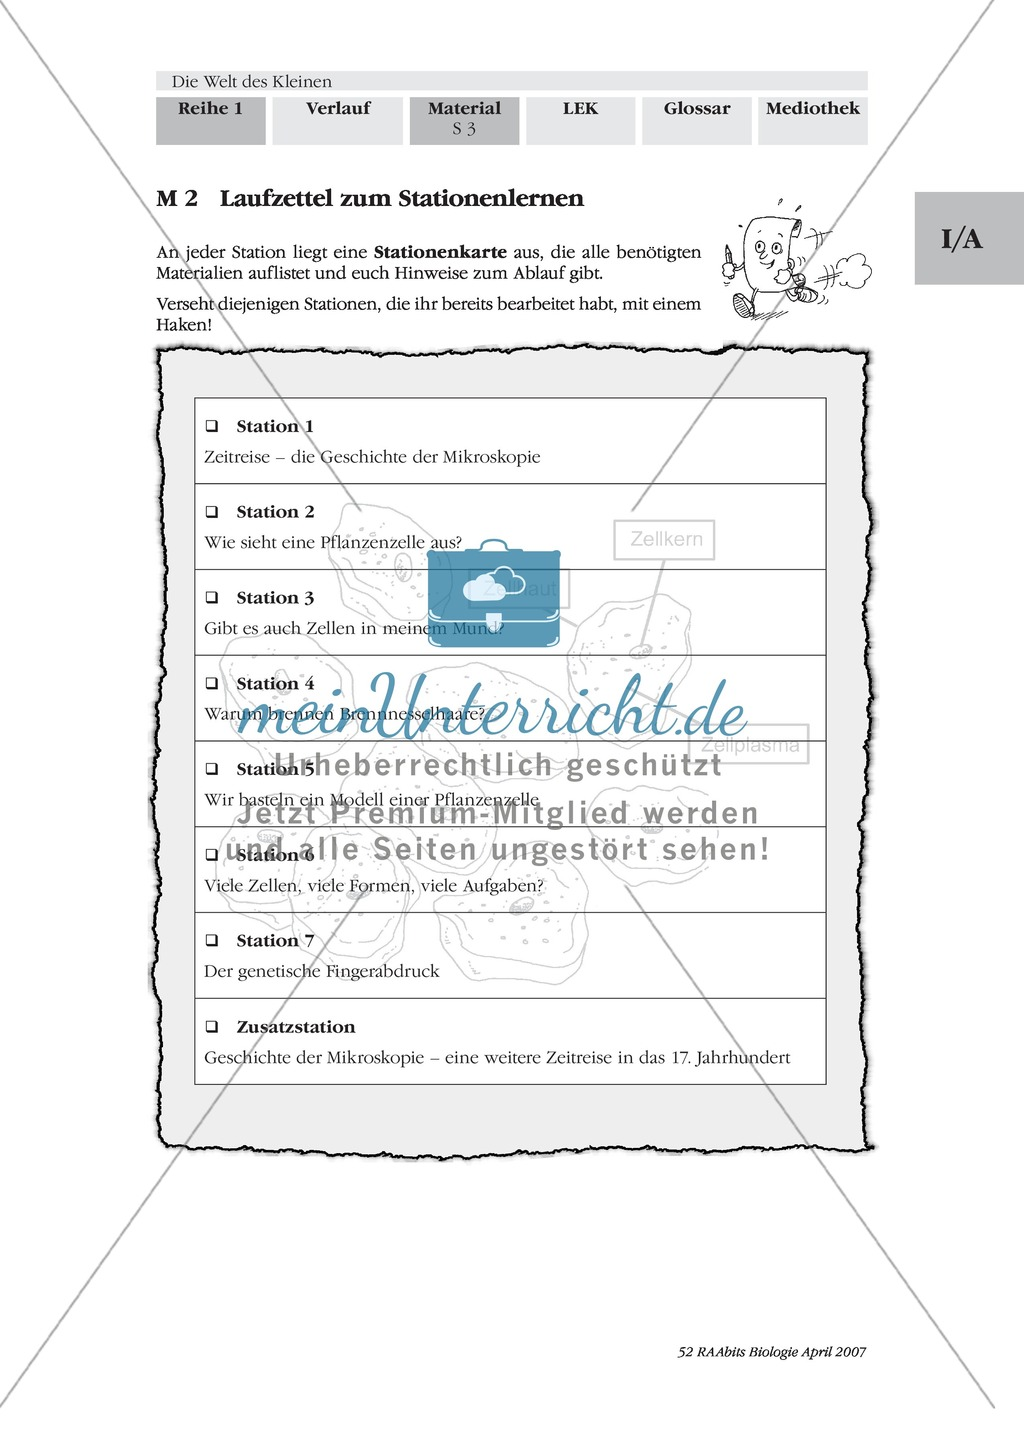 Fantastisch Biom Diagramm Arbeitsblatt Bilder - Mathe Arbeitsblatt ...